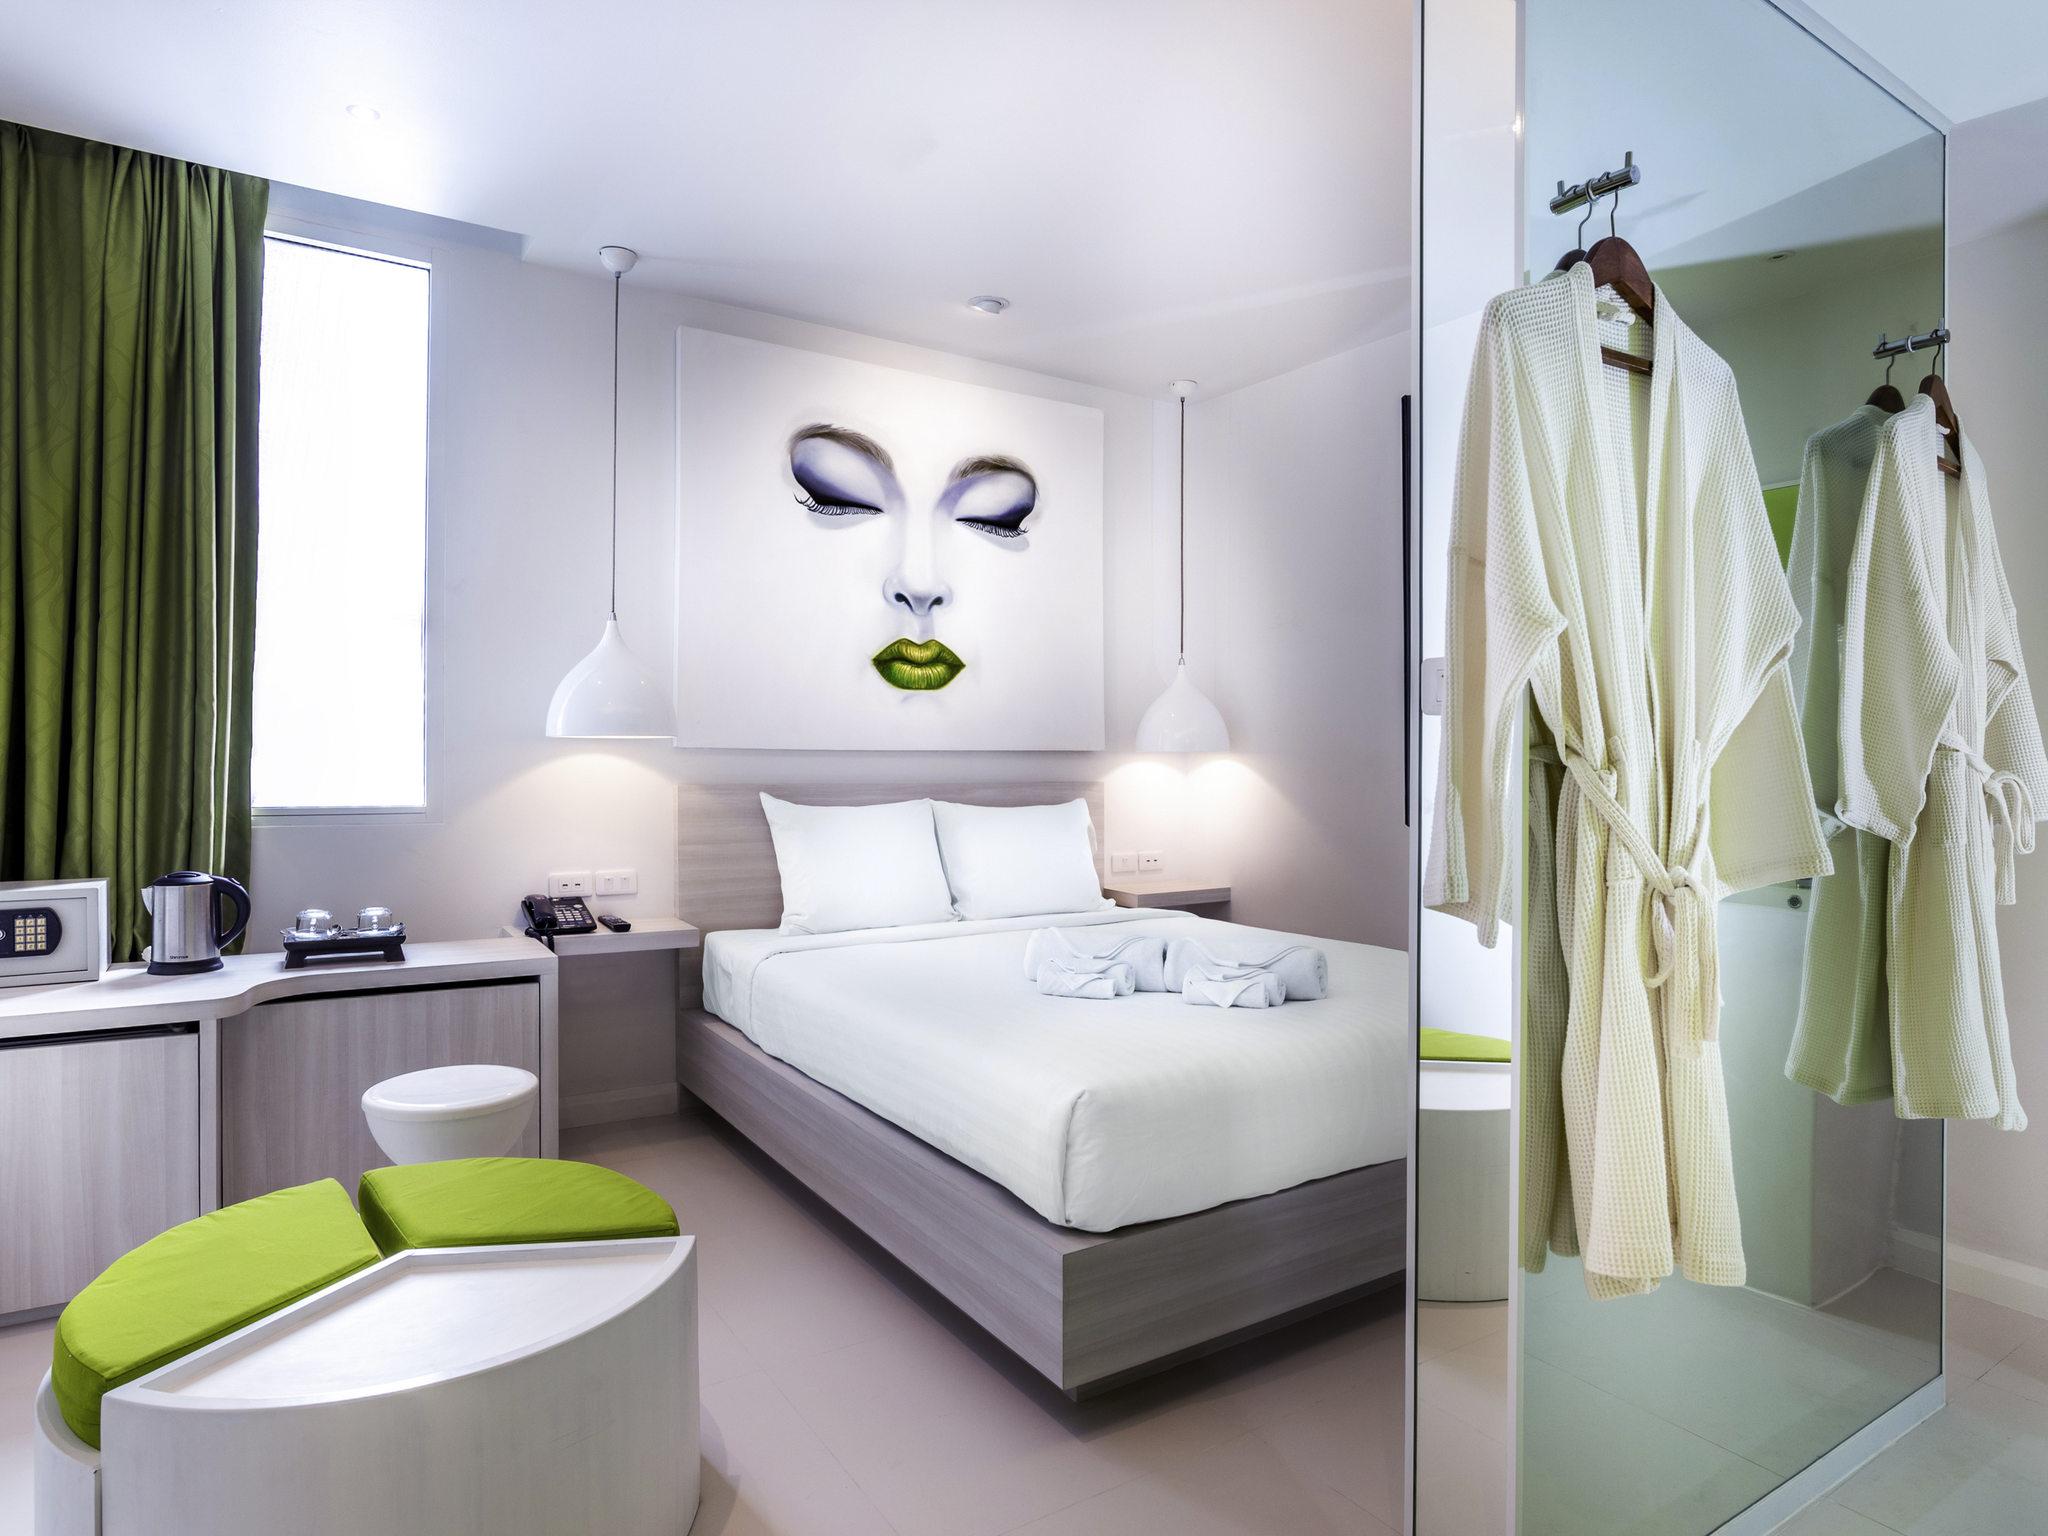 โรงแรม – ไอบิส สไตล์ เกาะสมุย เฉวง บีช (เปิดให้บริการปลายปี 2018)